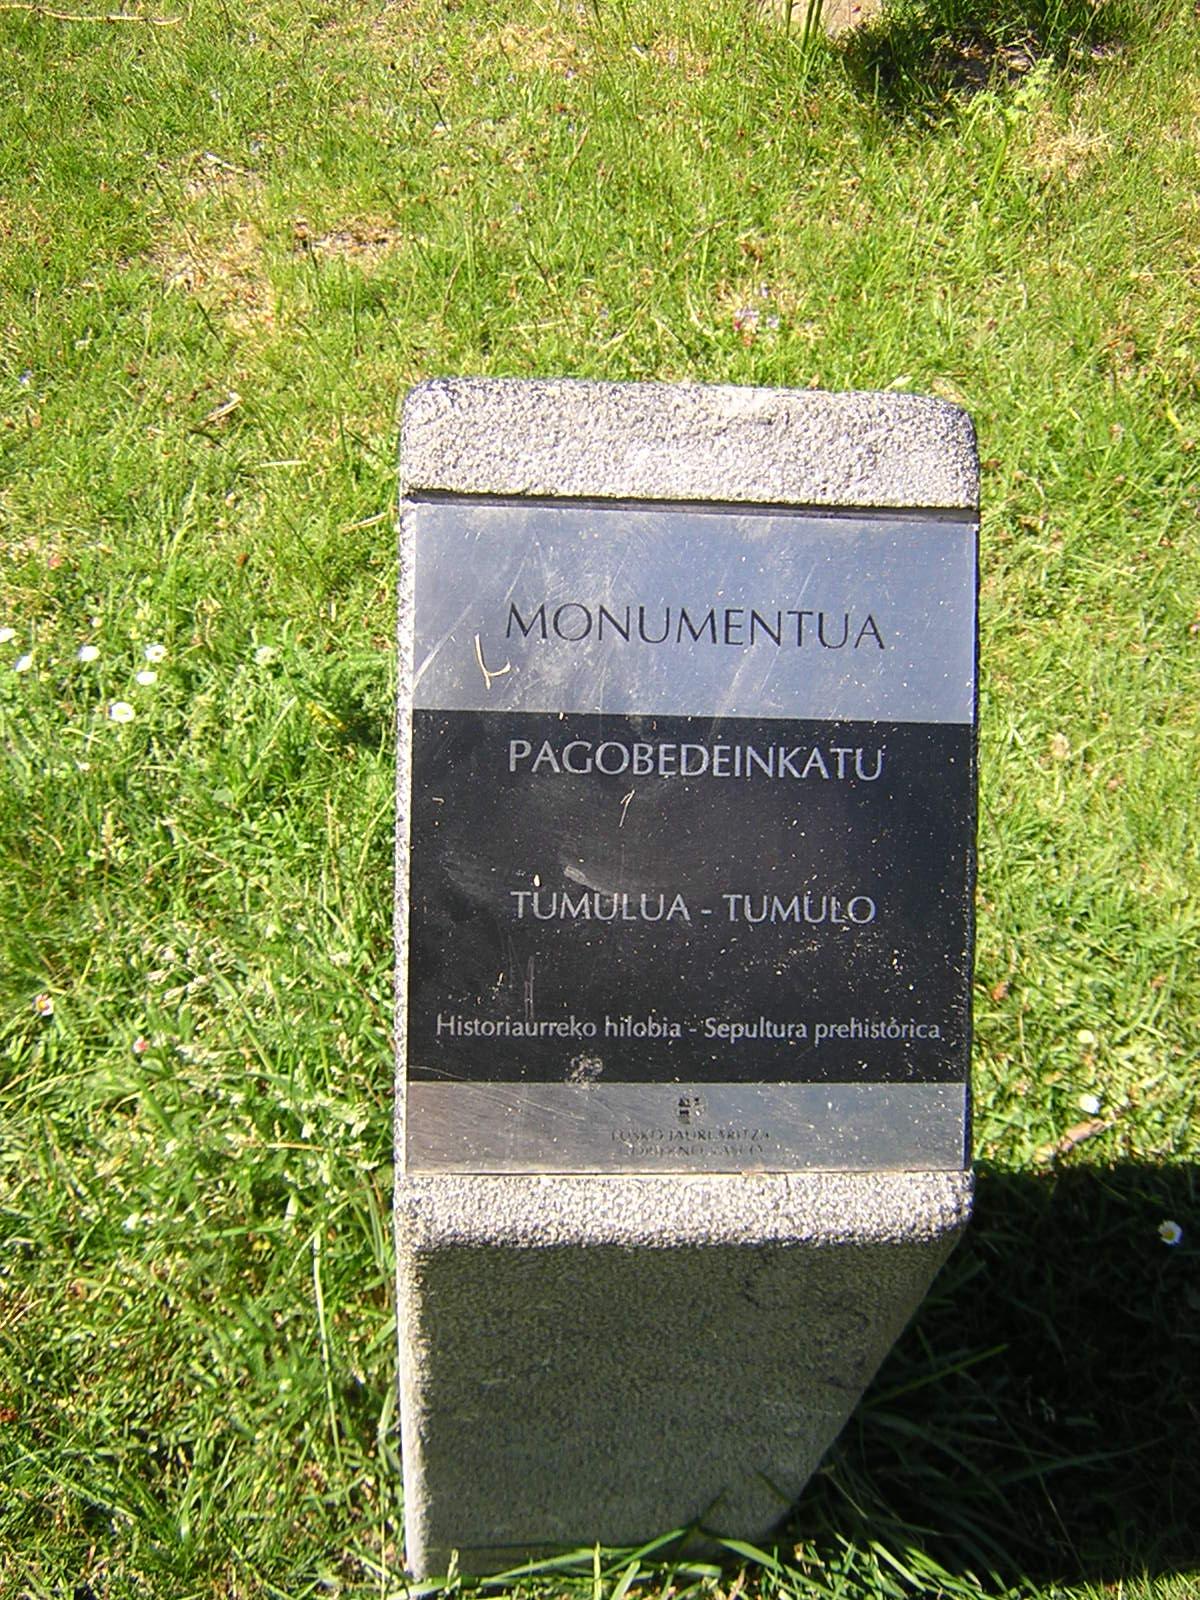 Túmulo Pagobedeinkatu Tumuloa